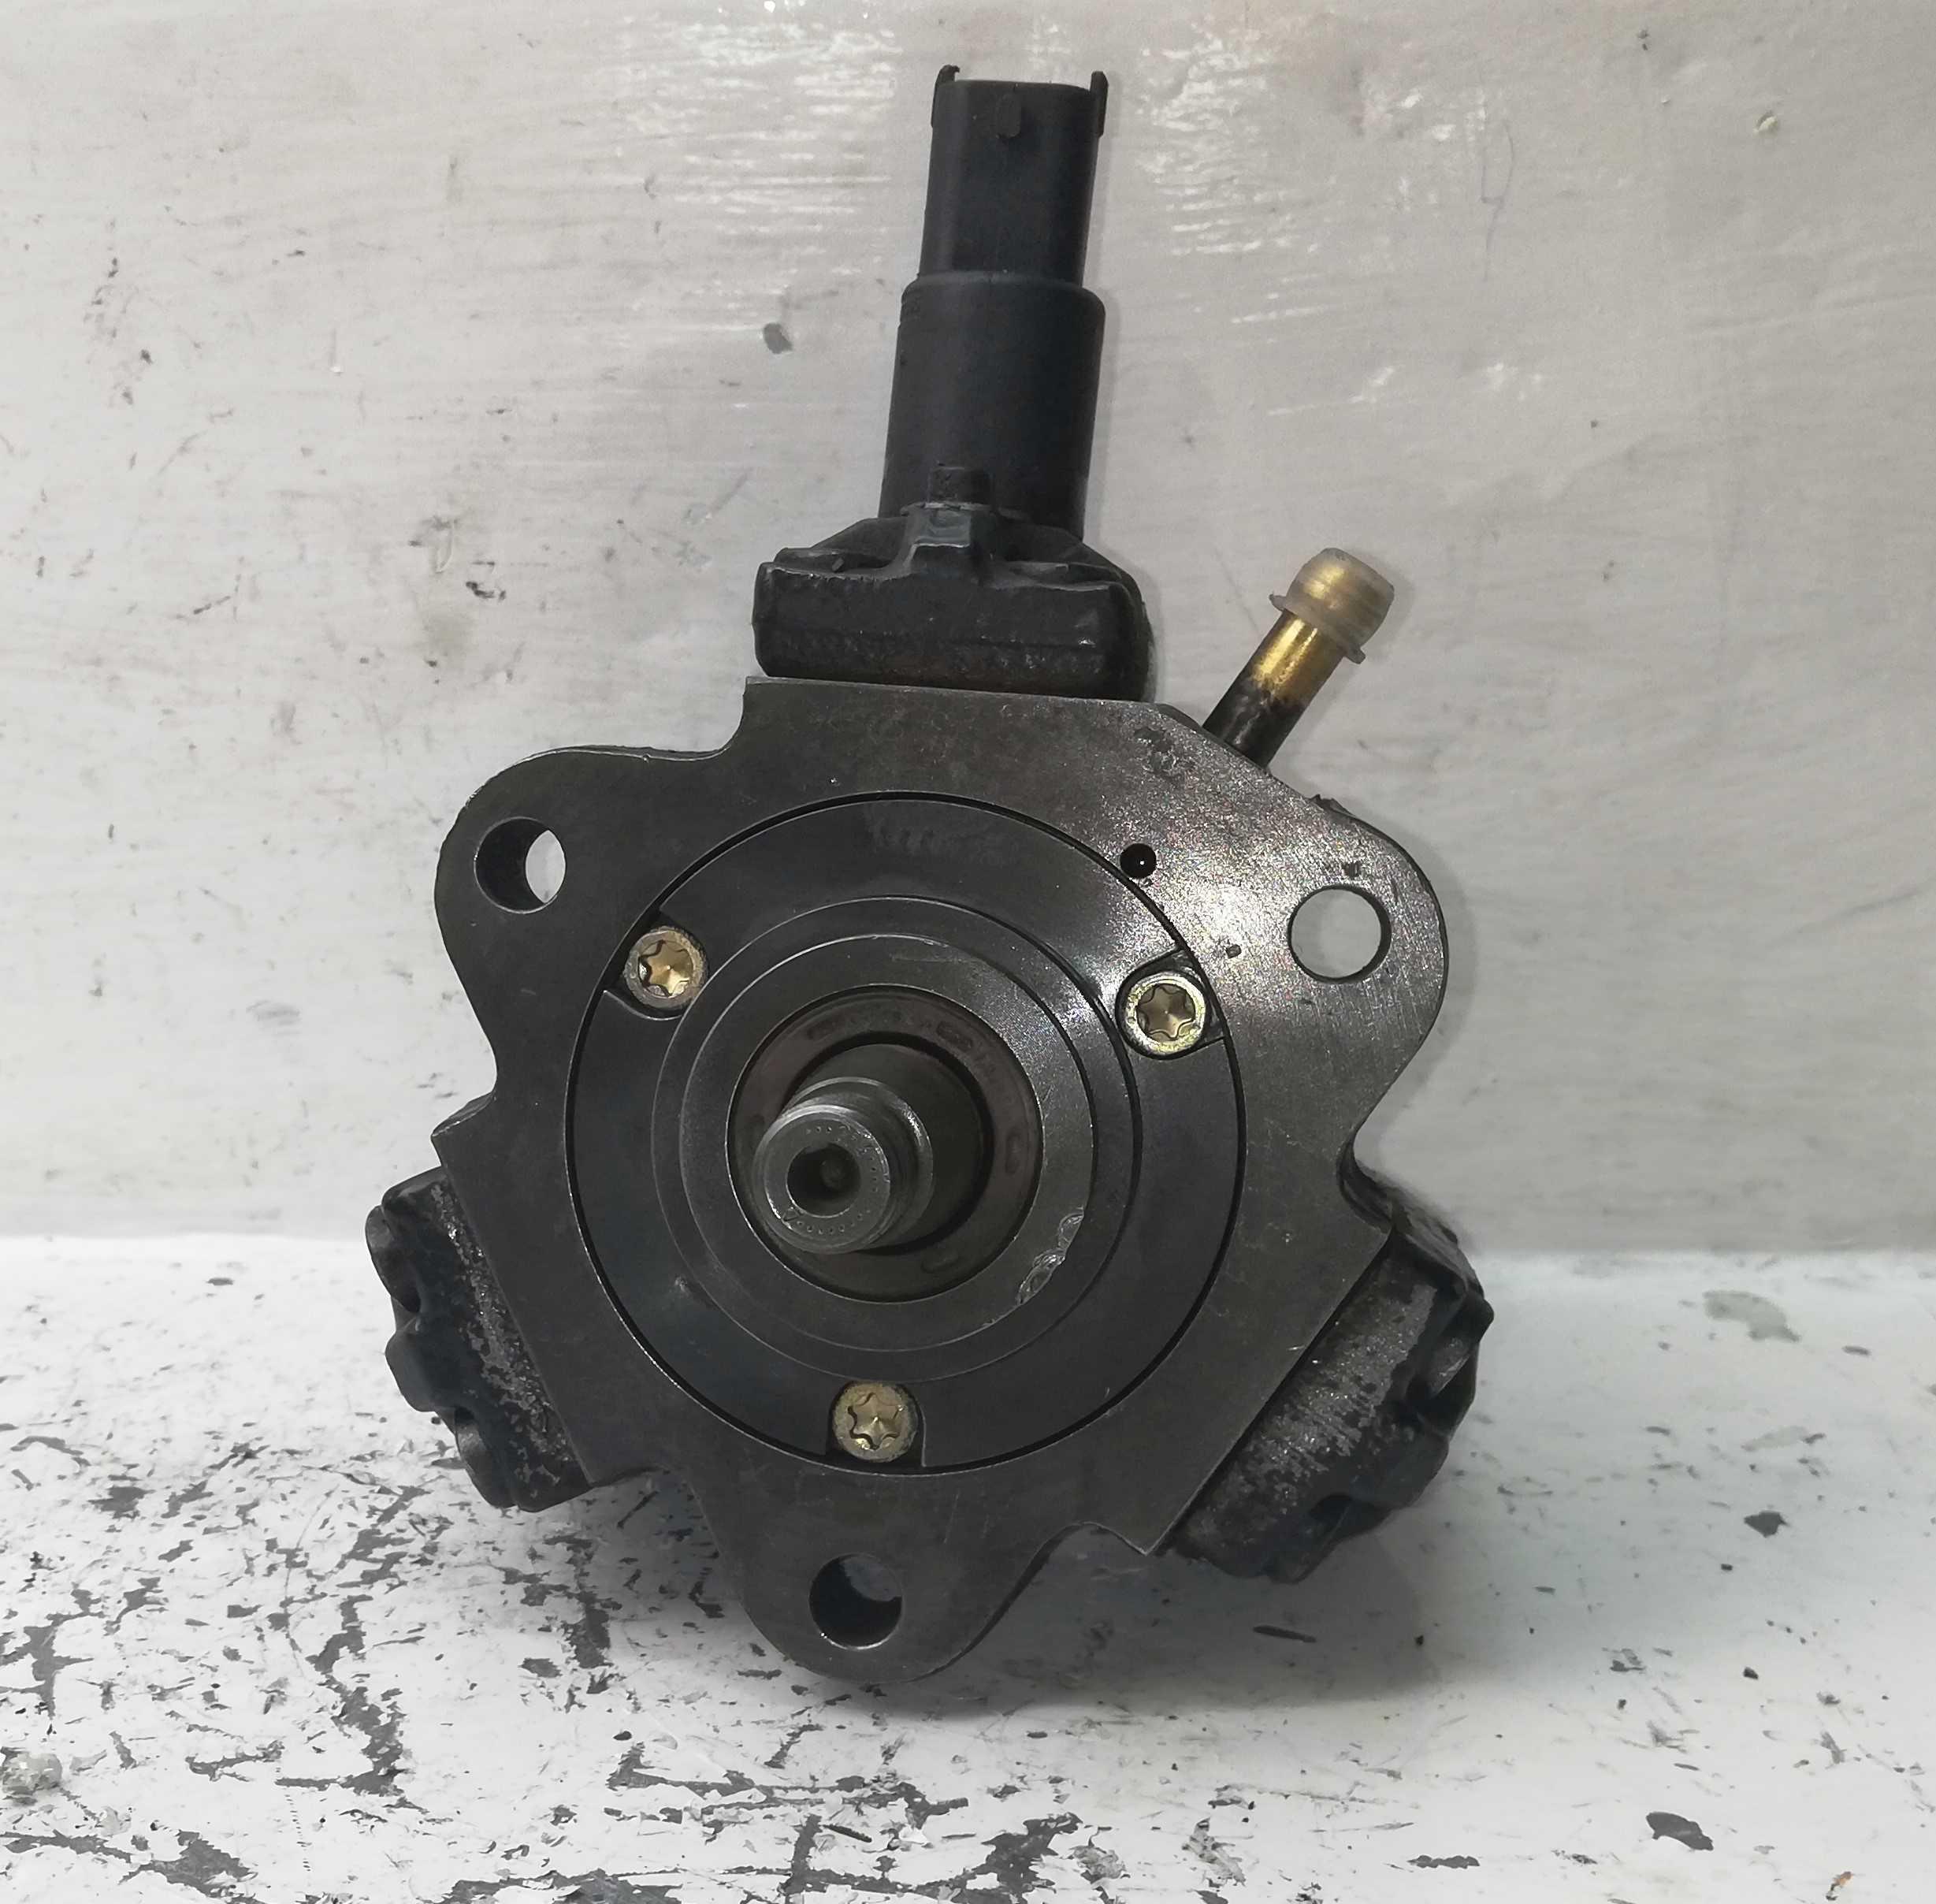 Sprawdzona Pompa Wtryskowa Bosch 0445010010 96320137